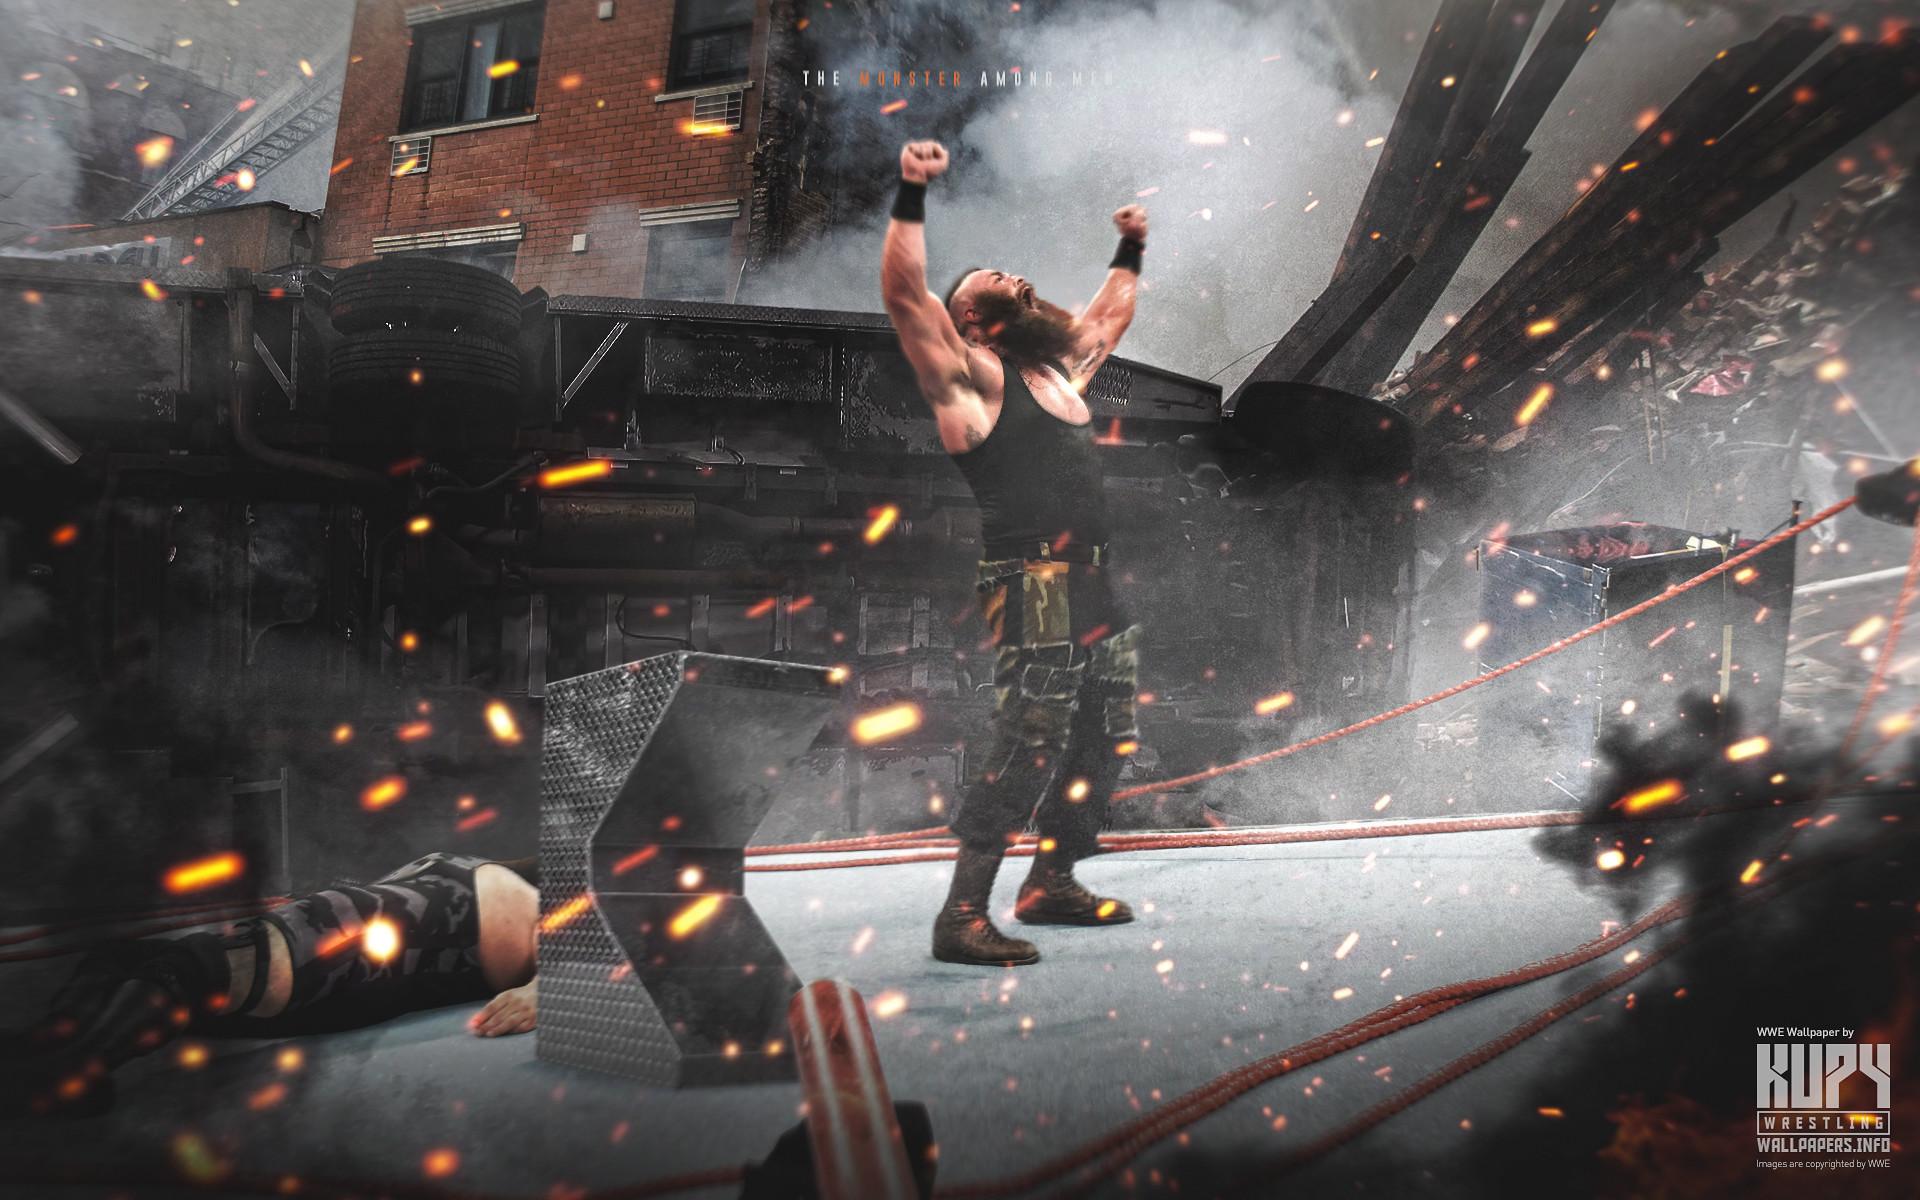 WWE Brock Lesnar 2018 HD Wallpaper (77+ images)